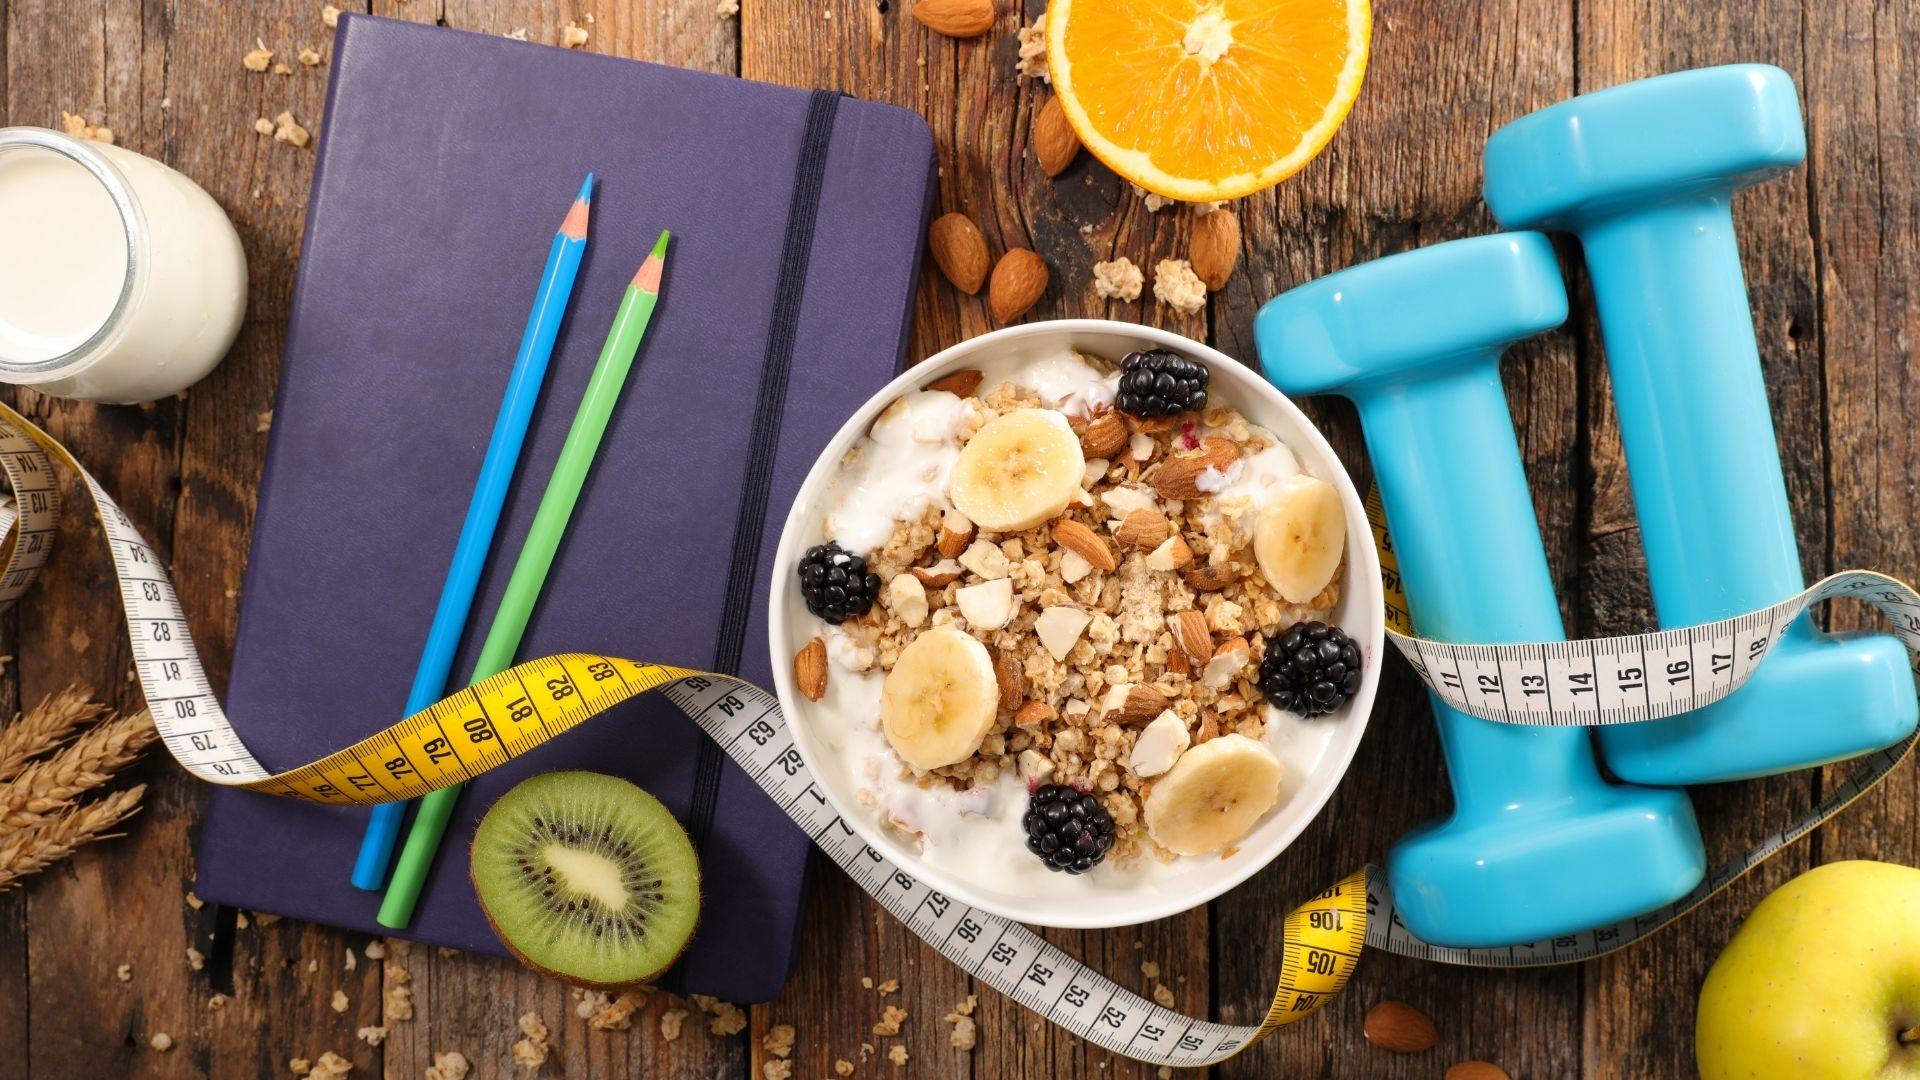 Sağlıklı Zayıflamak İçin Neler Yapılmalı